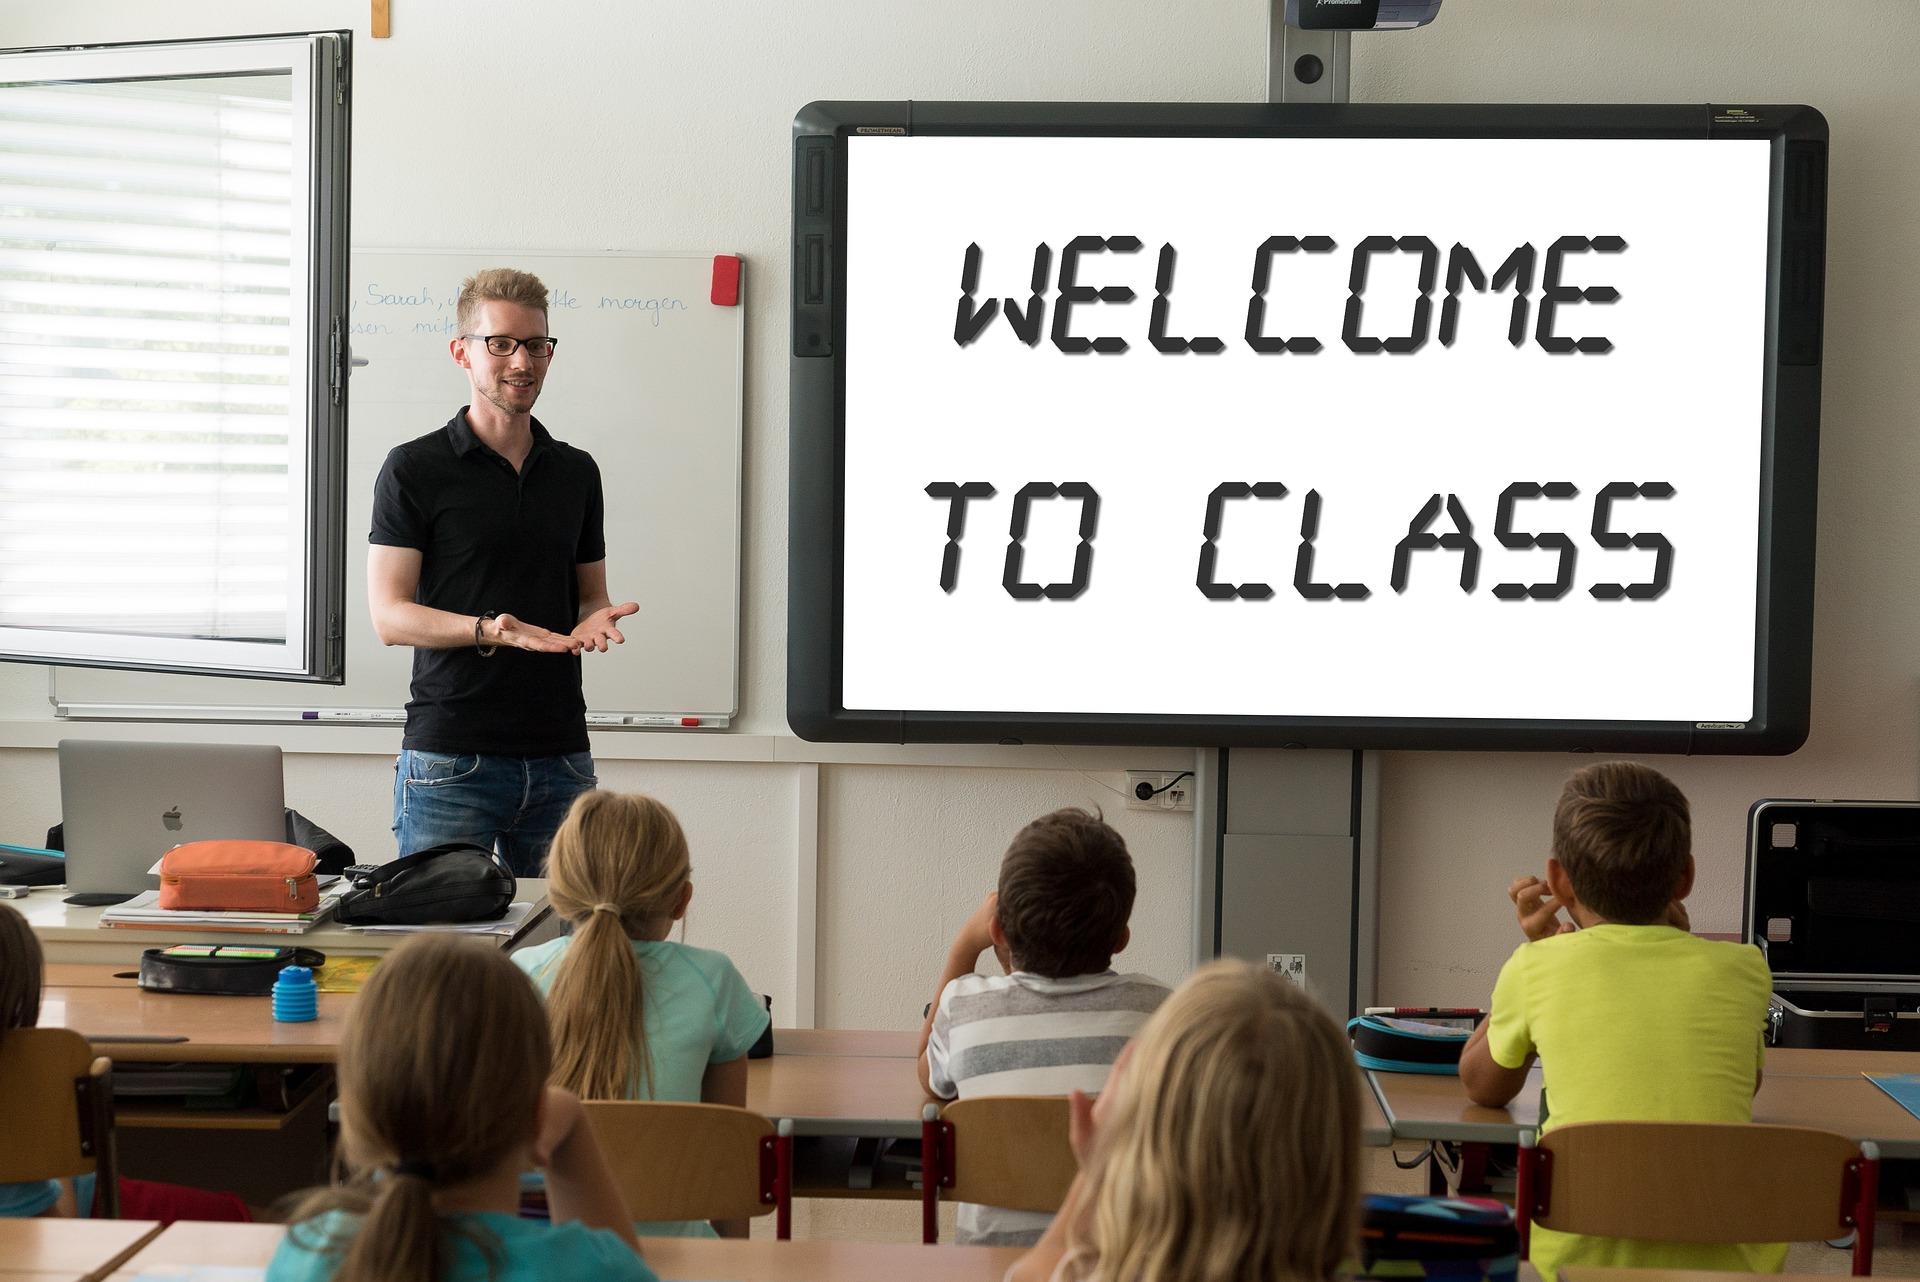 McMahon Education Teachers (Image by Tumisu from Pixabay)